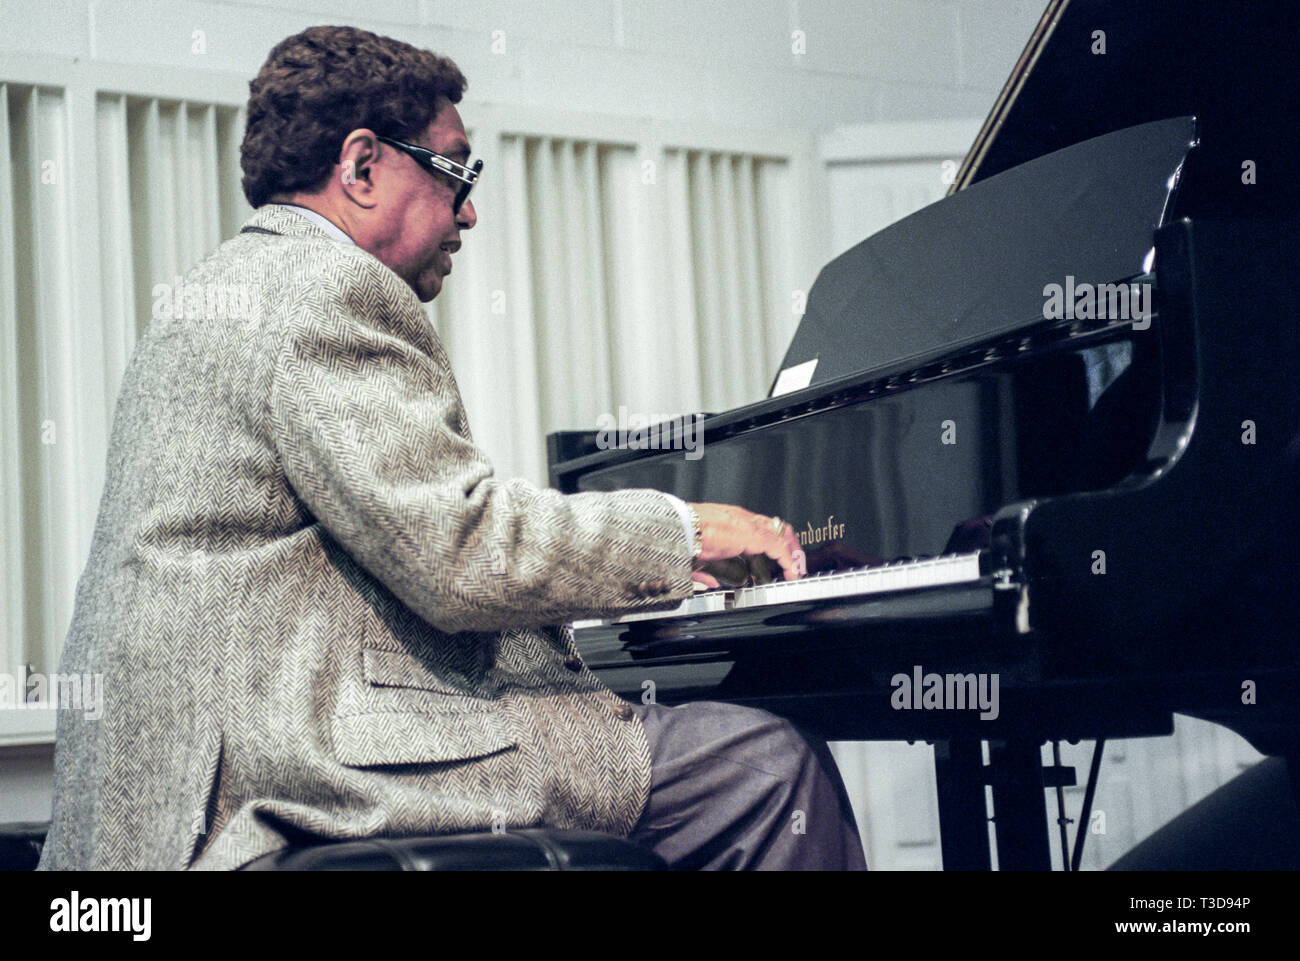 Pianiste de Jazz Billy Taylor enseigne un cours de musique et joue du piano. Photo Stock